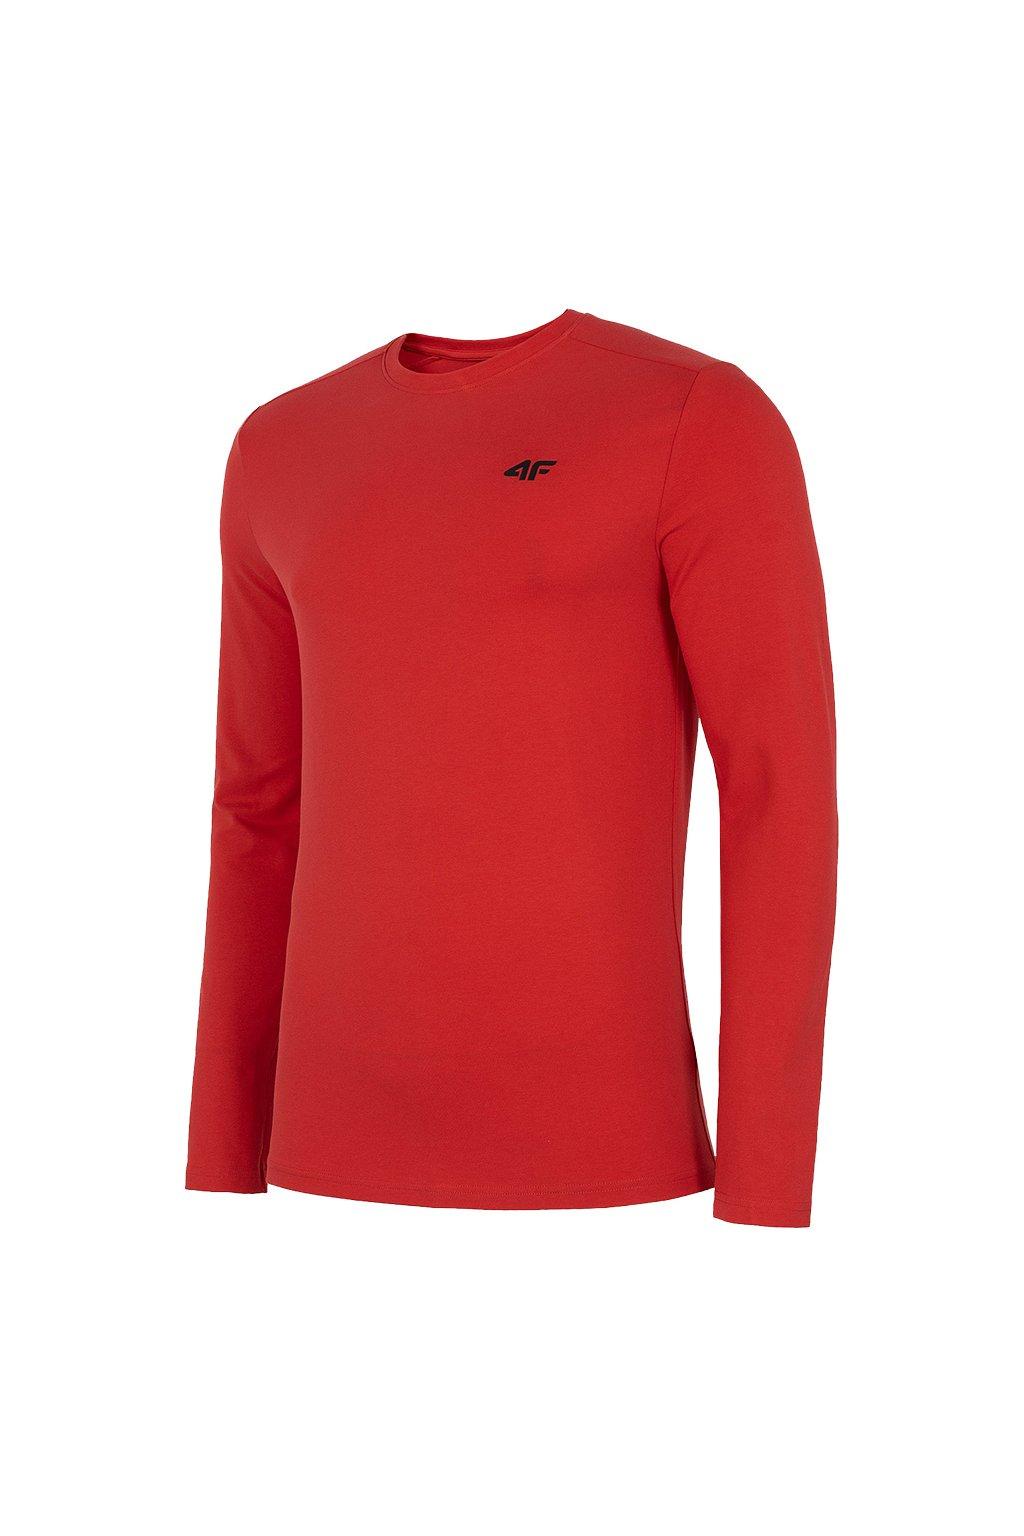 Pánske tričko 4F červené NOSH4 TSML001 62S